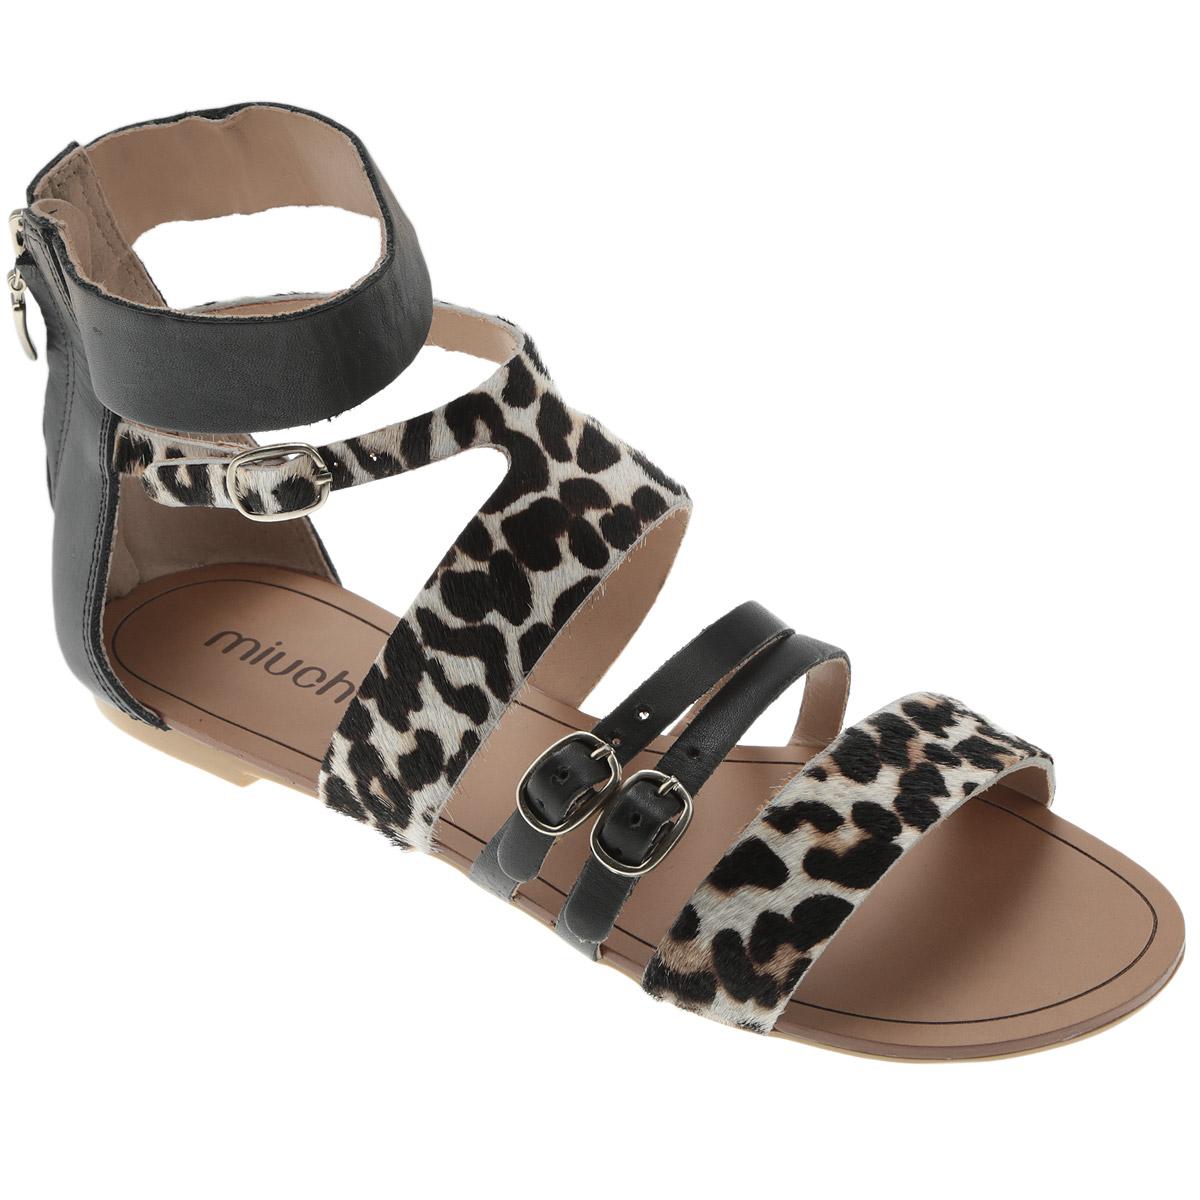 117-1257Экстравагантные сандалии от Miucha - для смелых натур! Модель выполнена из натуральной высококачественной кожи. Ремешки с ворсистой поверхностью оформлены анималистическим принтом. Закрытый задник с застежкой-молнией и ремешки с закругленными металлическими пряжками отвечают за надежную фиксацию модели на ноге. Длина ремешков регулируется при помощи болтов. Низкий каблук и подошва с рифлением обеспечивают отличное сцепление с любыми поверхностями. Эффектные сандалии подчеркнут вашу яркую индивидуальность и позволят выделиться среди окружающих.